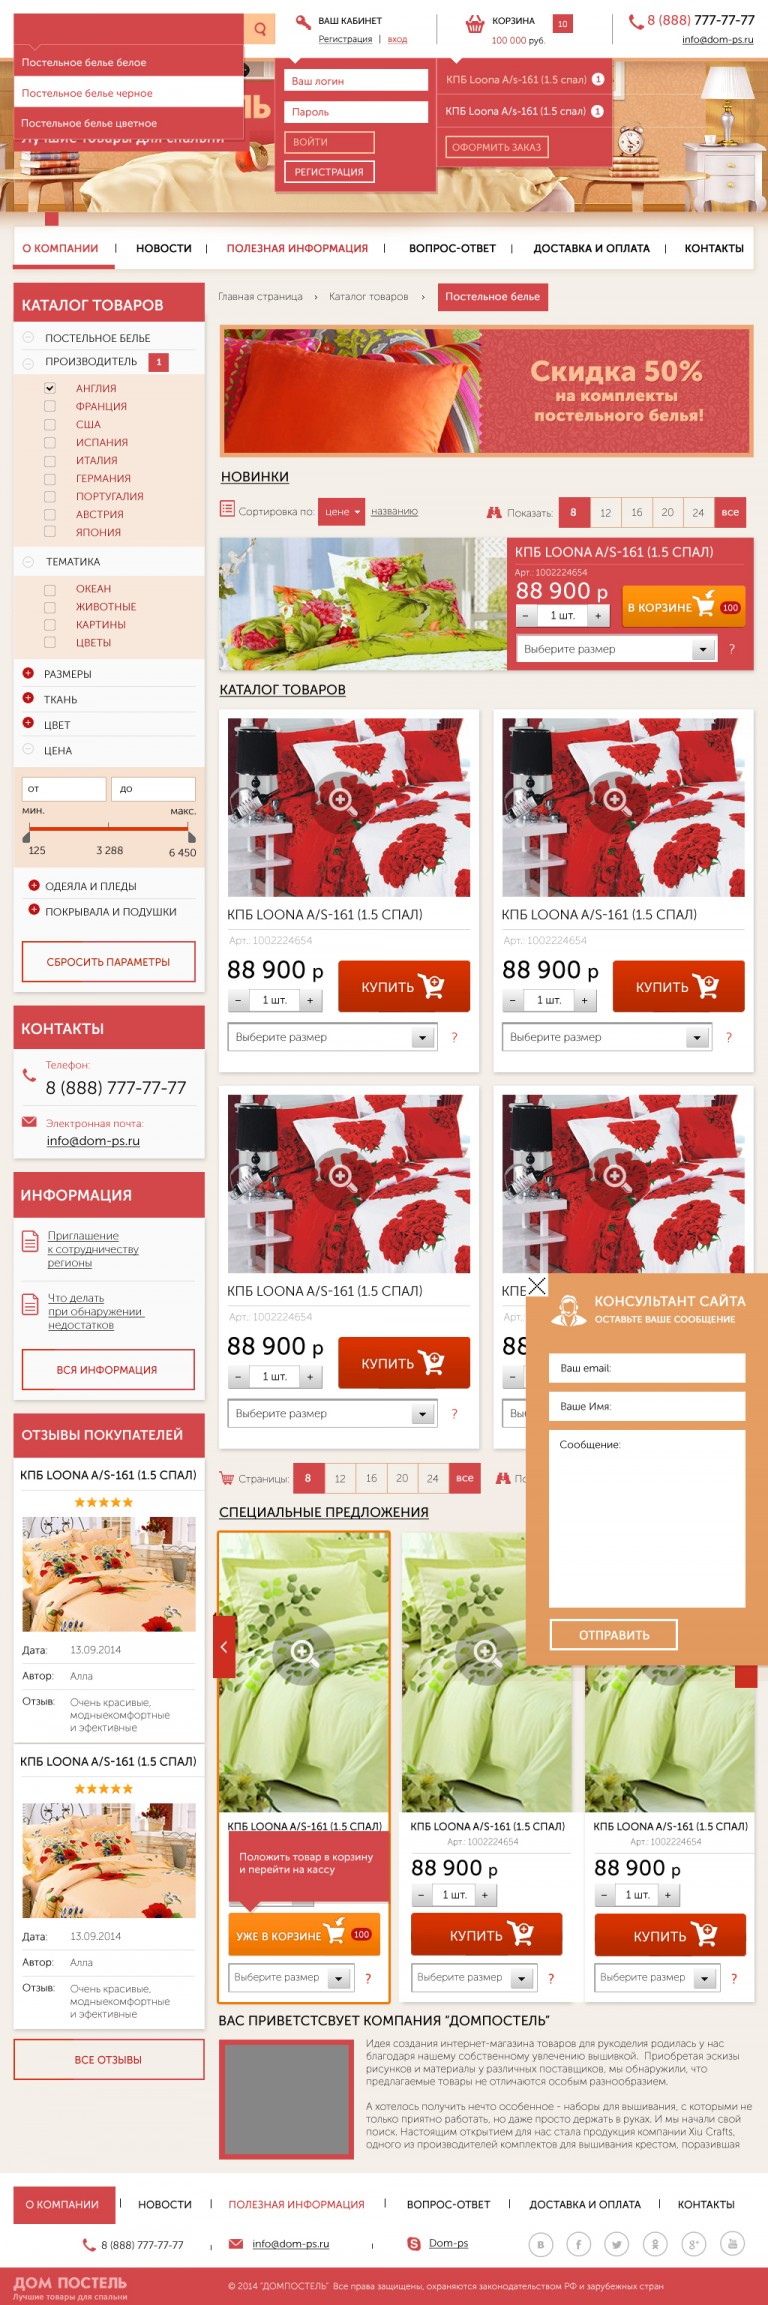 c4ecda95bed Главная страница Интернет-магазина ДомПостель с интерактивными элементами  ...